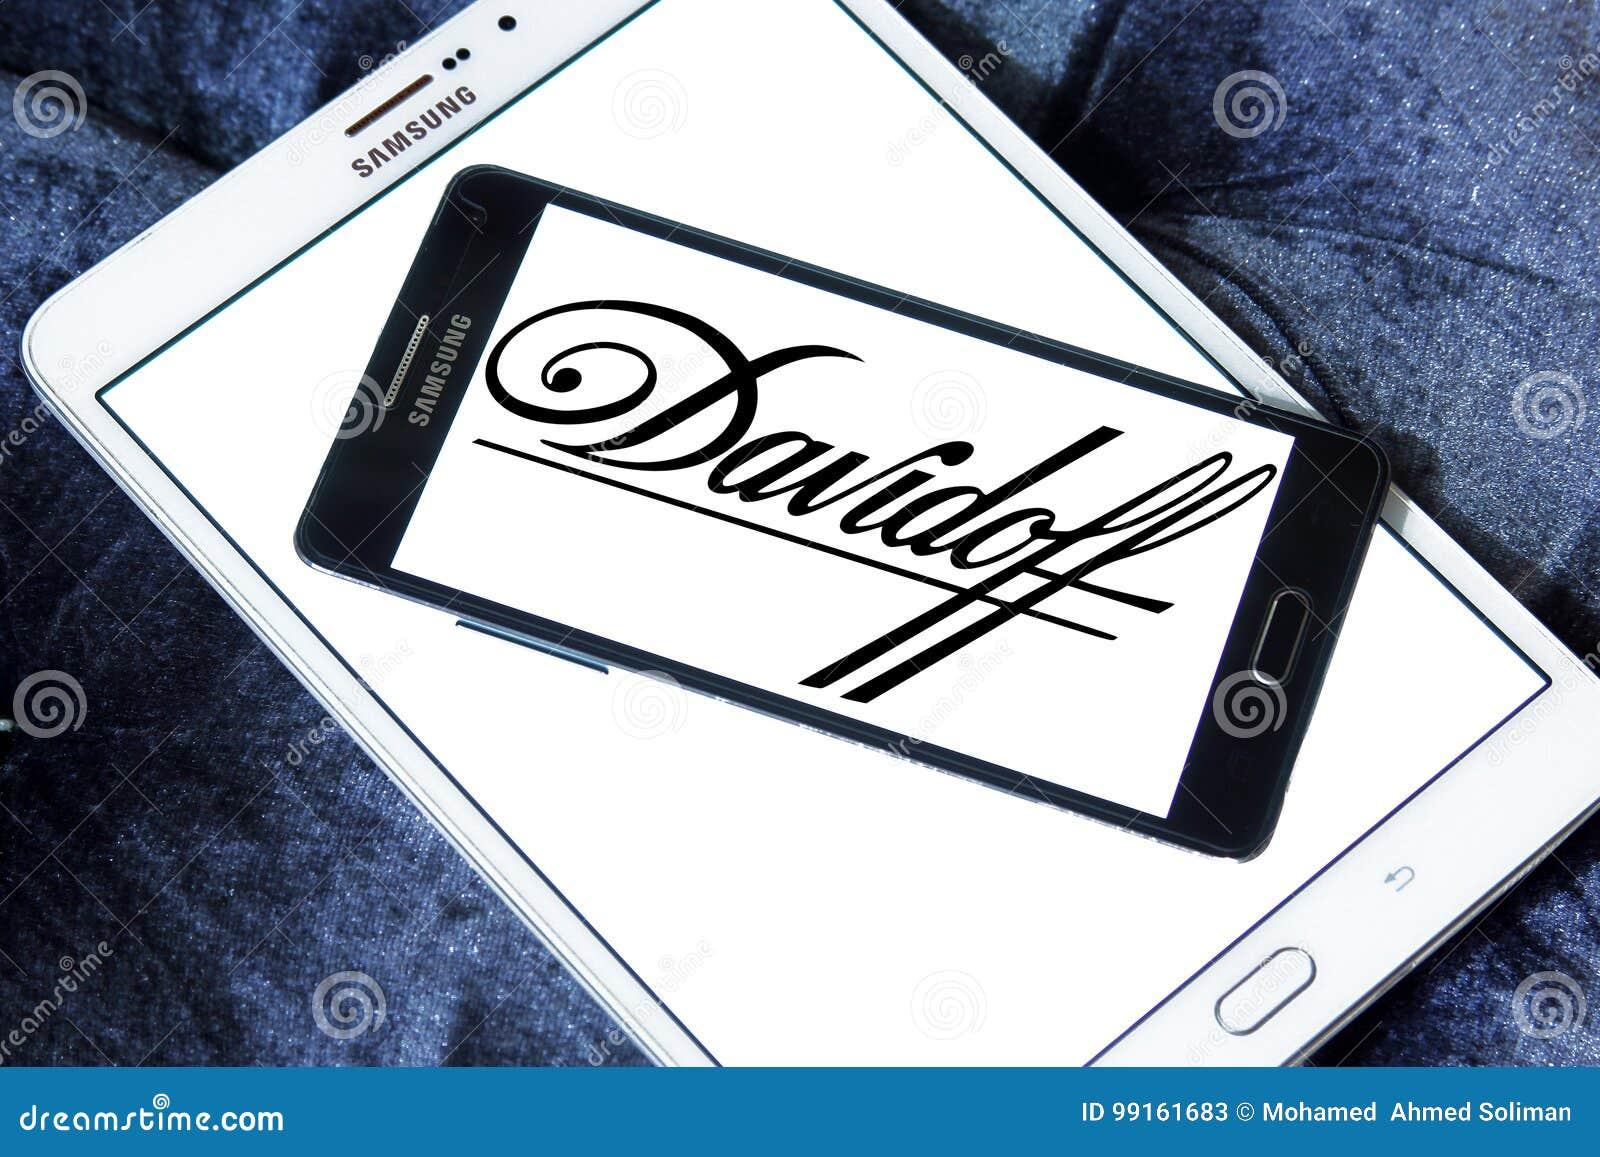 Davidoff Cigarettes Company Logo Editorial Stock Photo